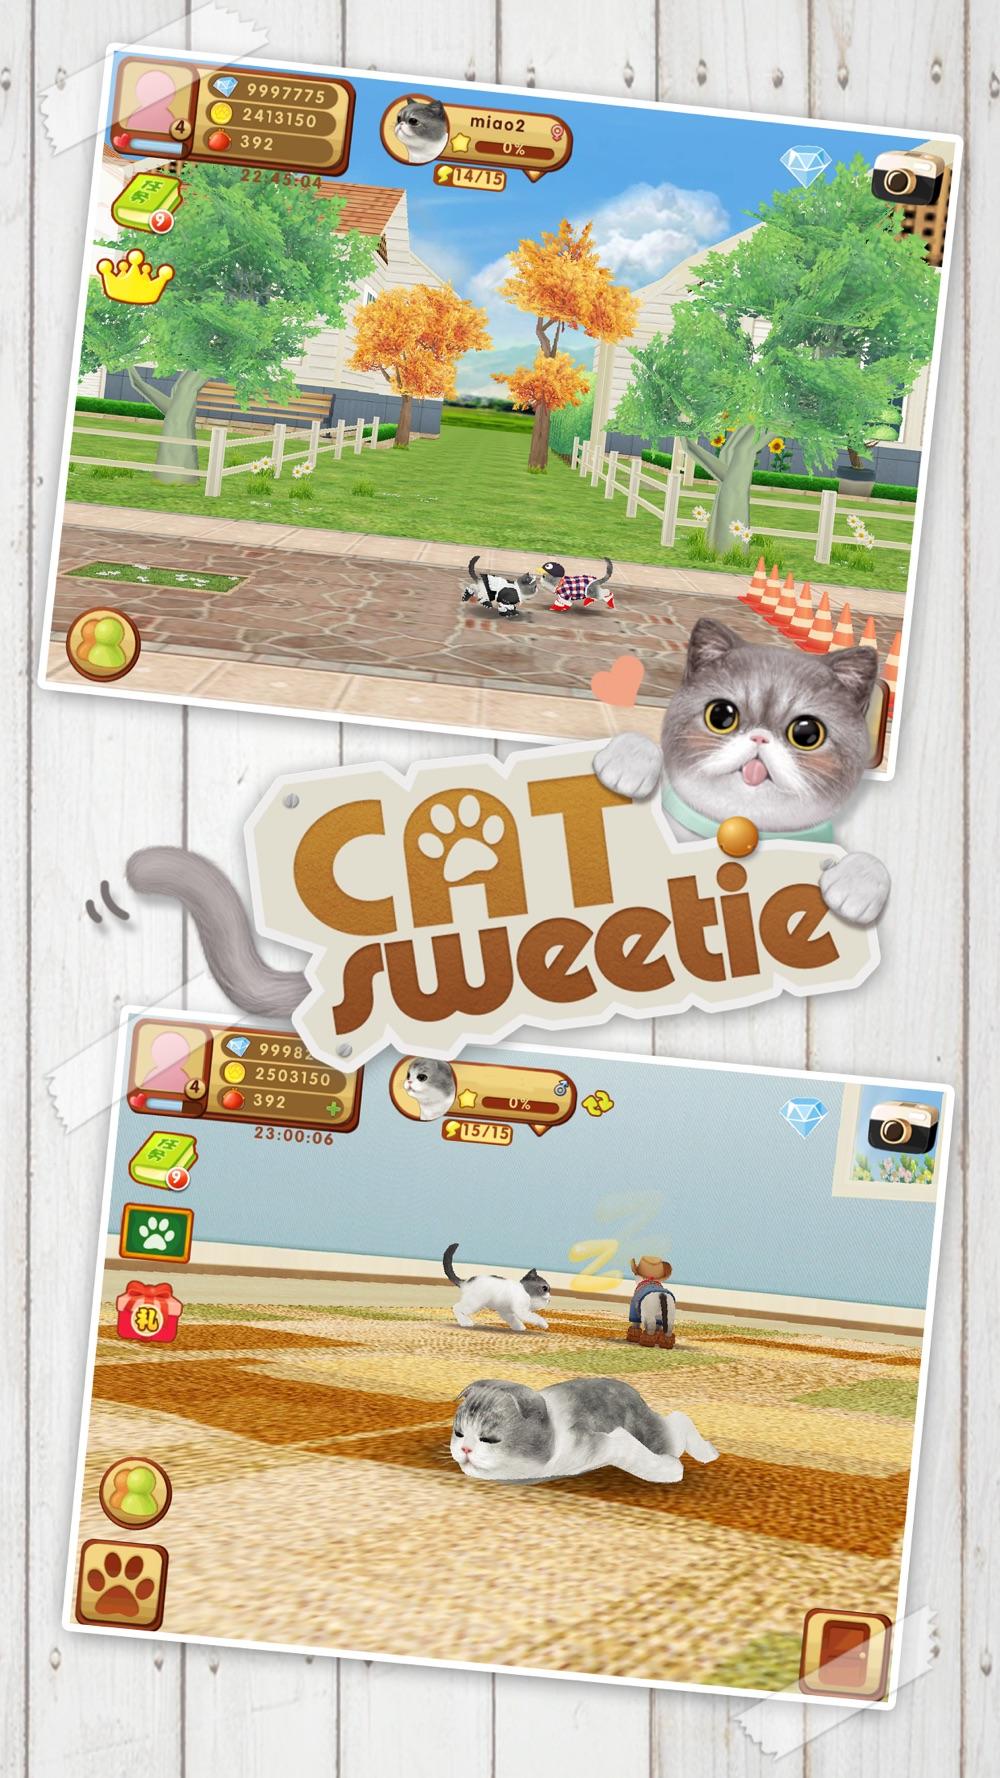 Cat Sweetie Cheat Codes